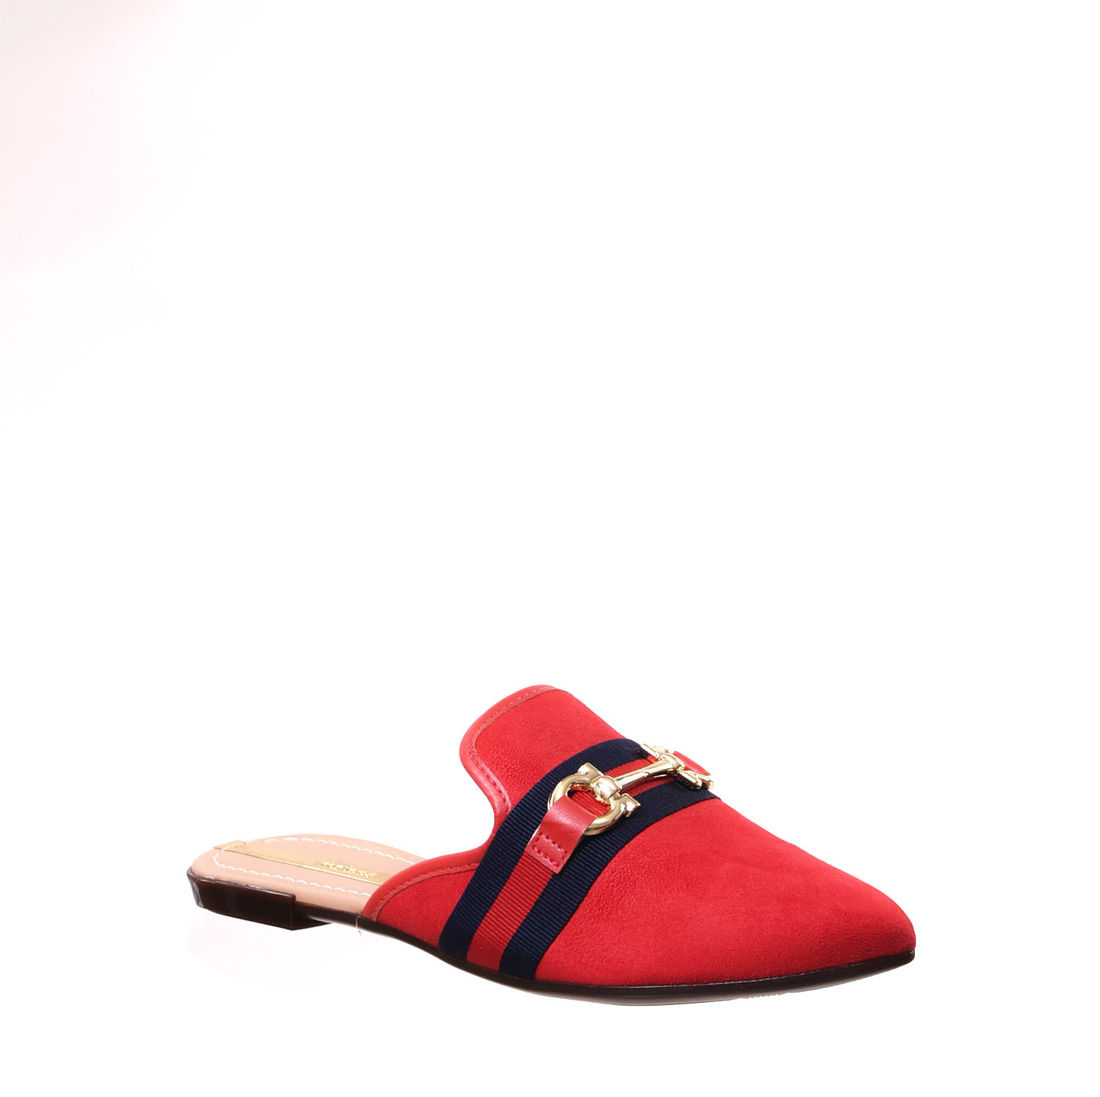 64e47ae4a8 Sapato Mule Moleca Camurça Detalhe Listra Fivela Bico Fino Vermelho e Azul  Marinho ...